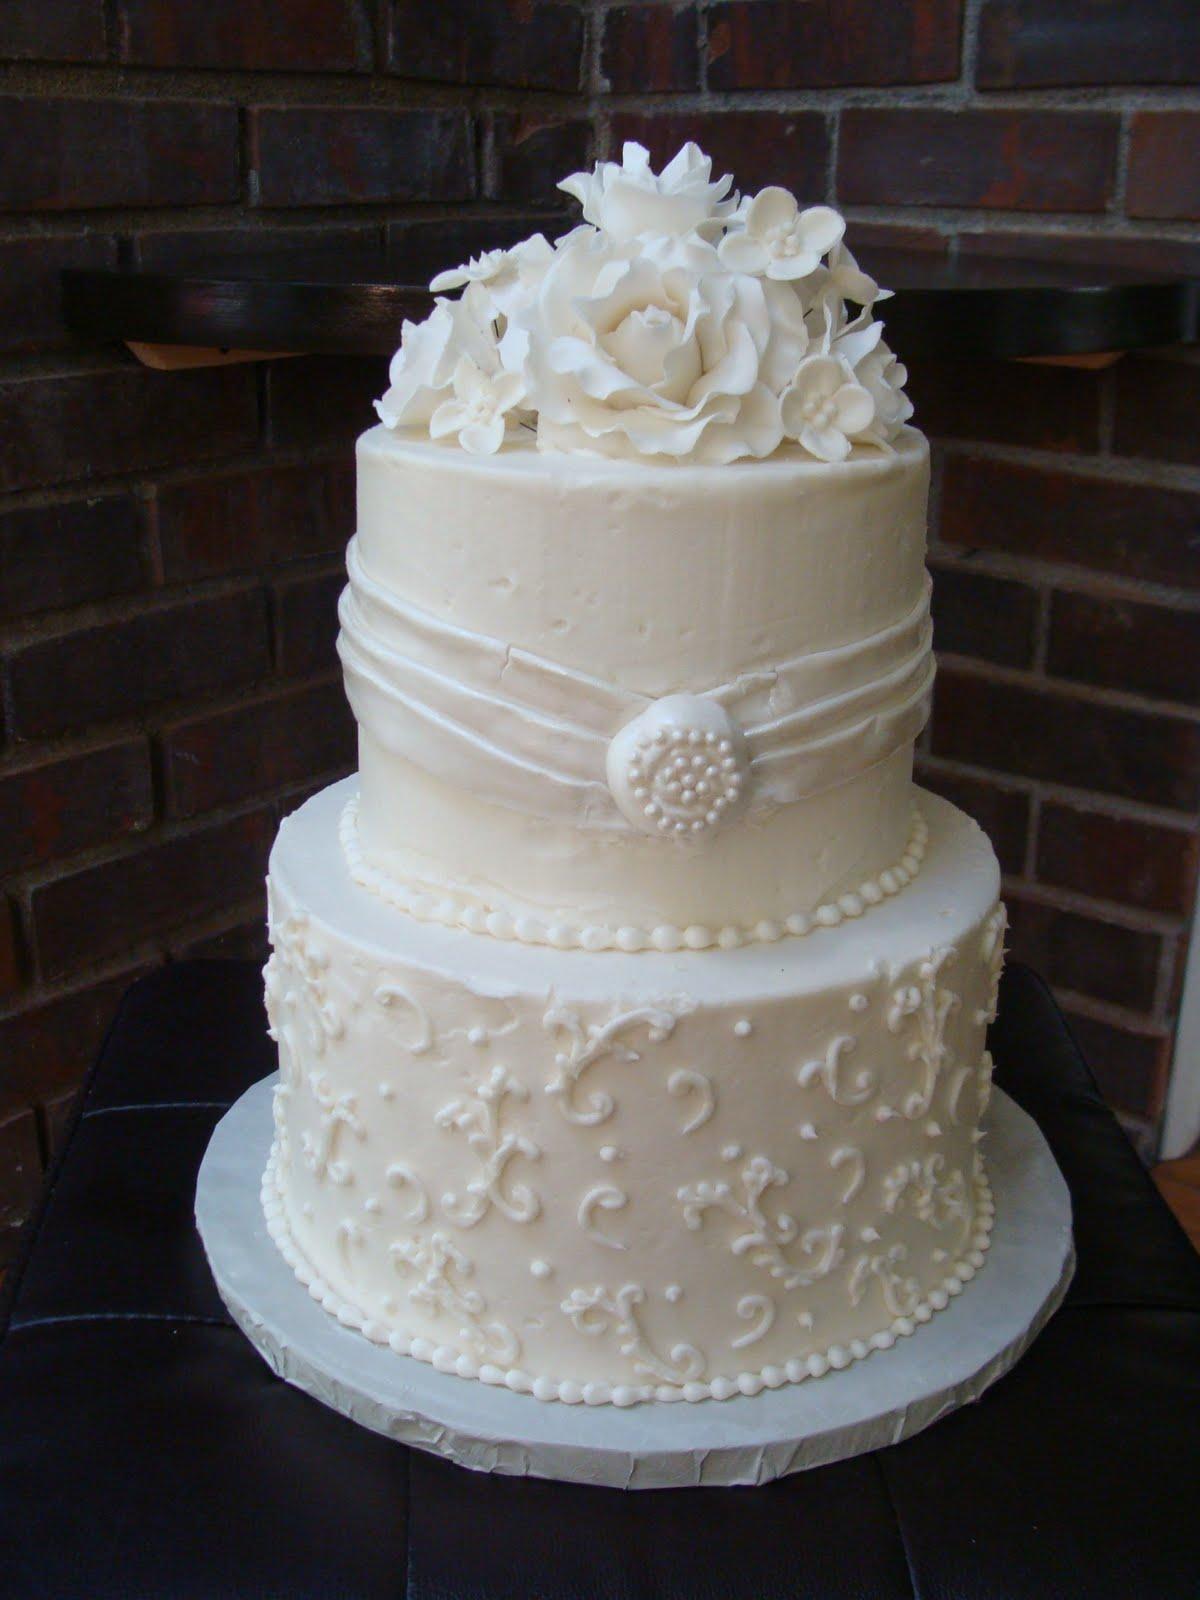 40th wedding anniversary anniversary cakes and wedding anniversary